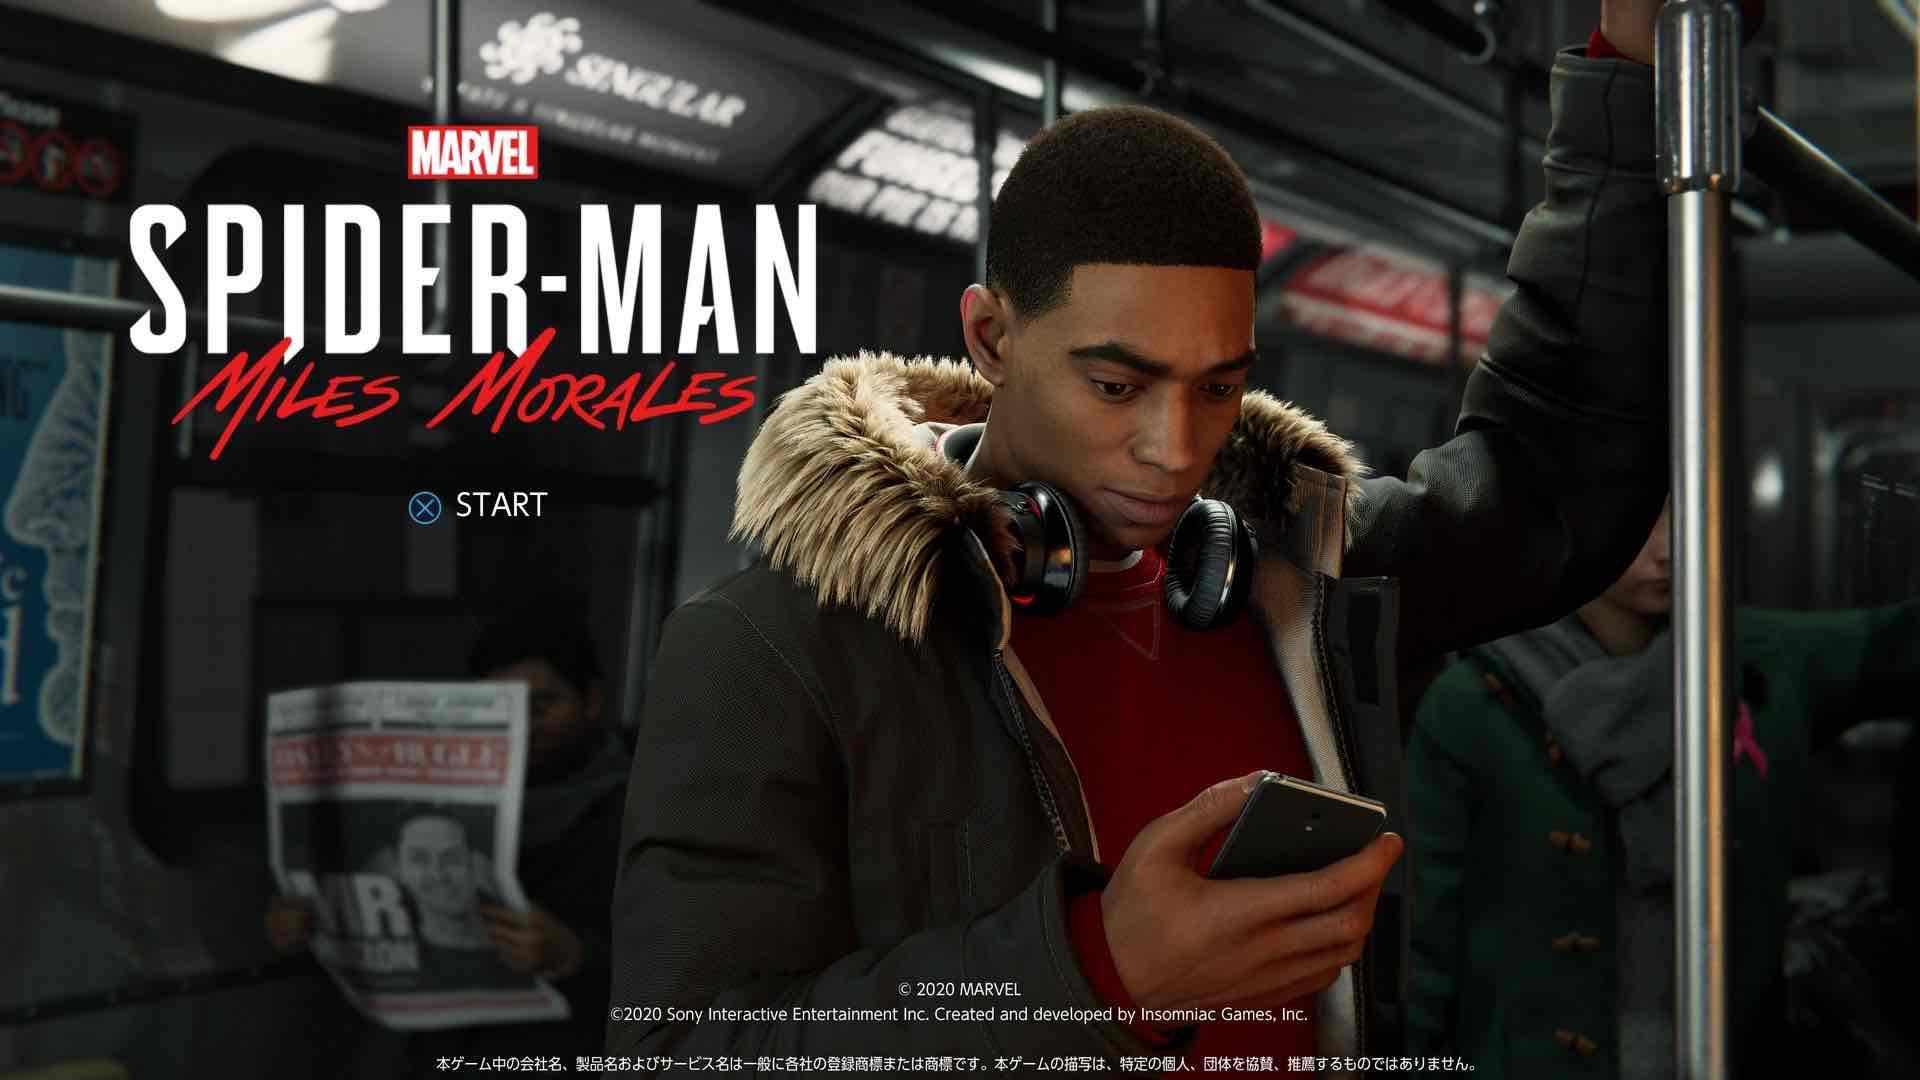 【PS5】ついにPS5を購入!スパイダーマンの感想など